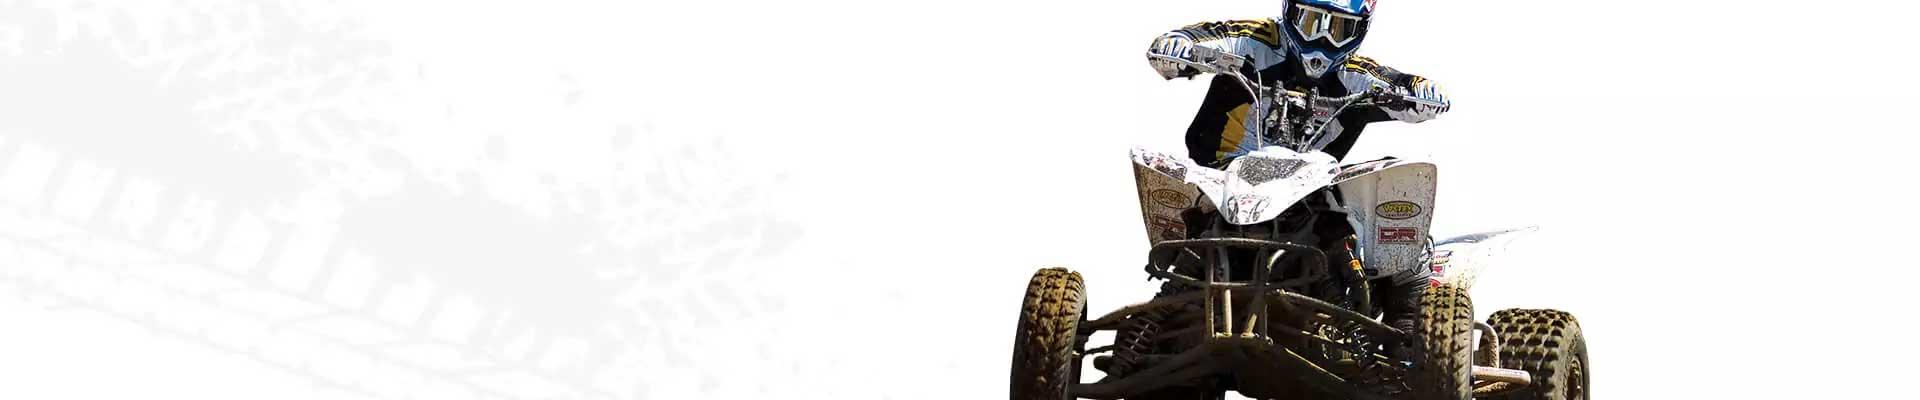 quad-bike-insurance